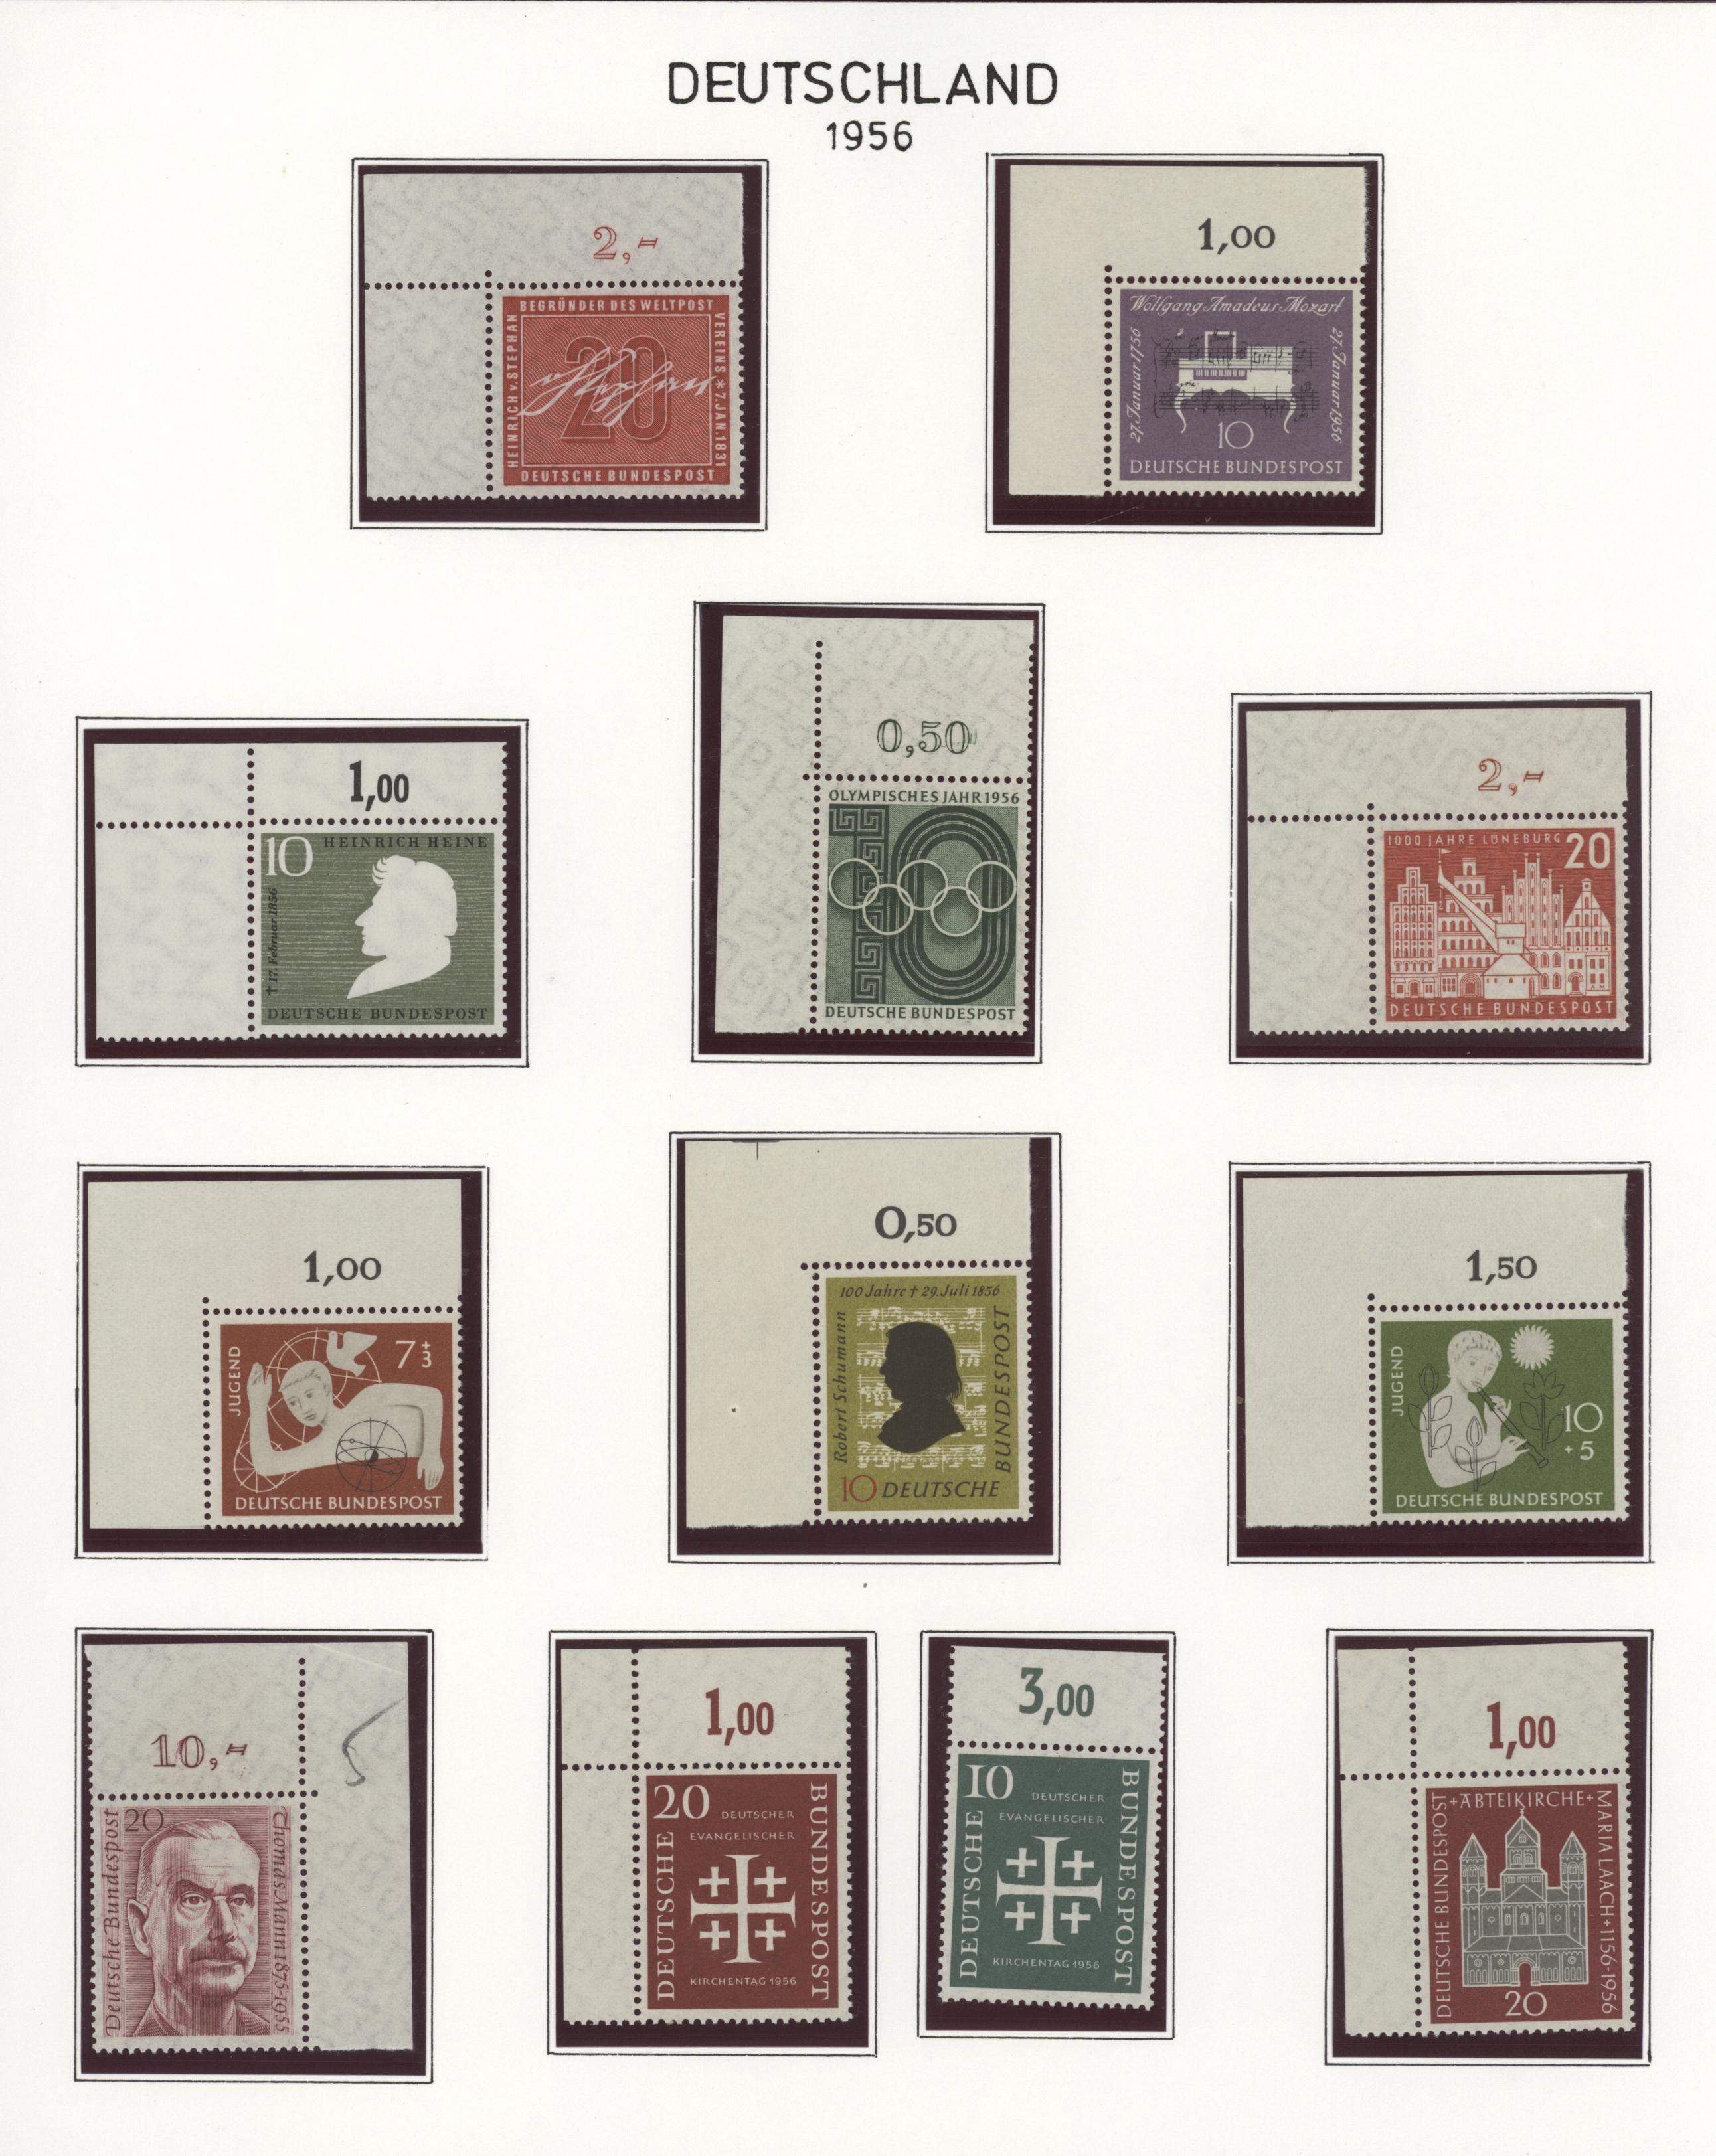 Lot 37609 - bundesrepublik deutschland  -  Auktionshaus Christoph Gärtner GmbH & Co. KG Sale #44 Collections Germany